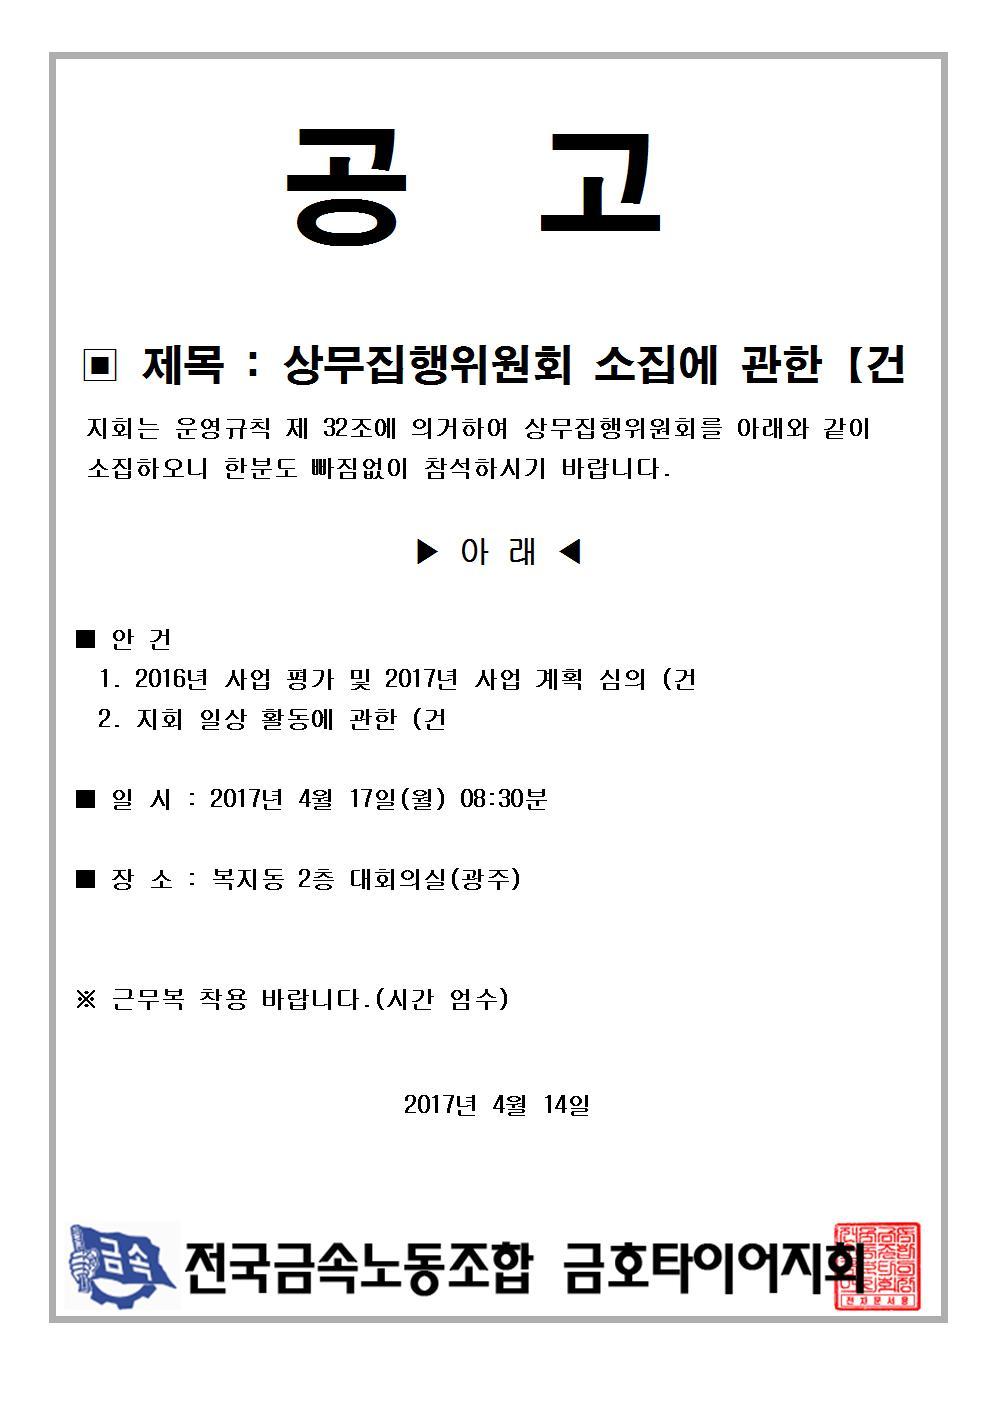 14차_상집위원회공고_17.4.17001.jpg